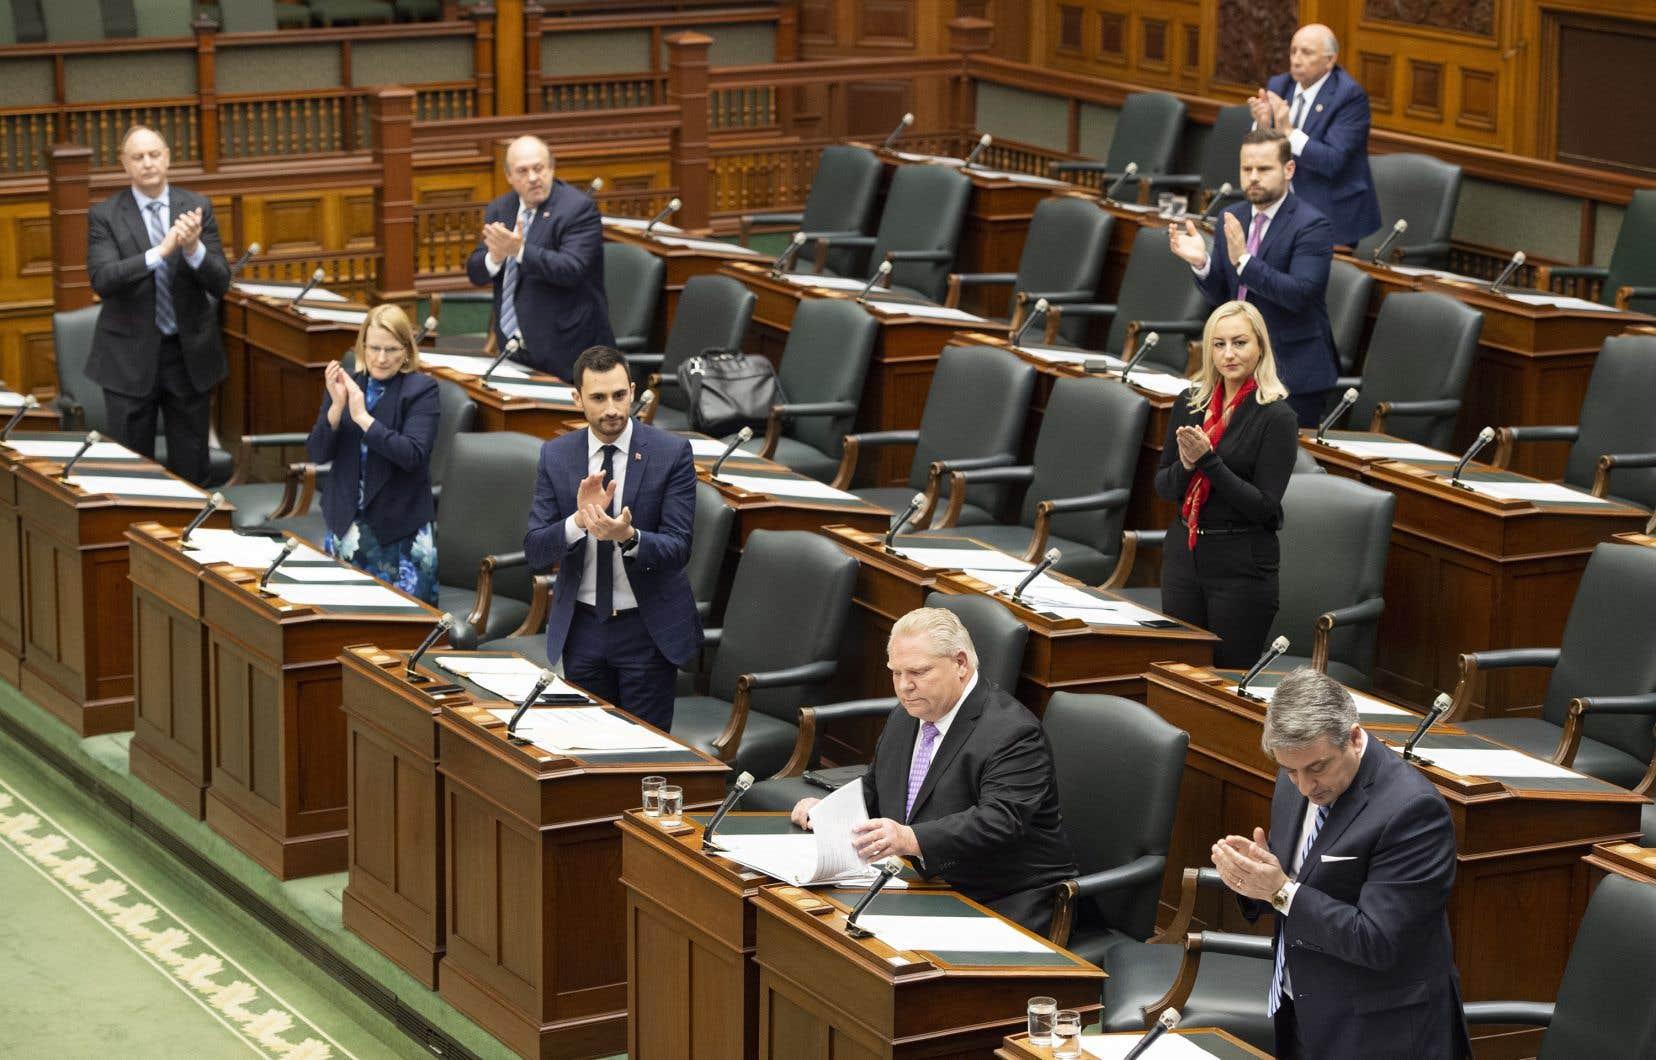 Mardi, 28 législateurs sont présents, dont 14 membres du gouvernement progressiste-conservateur, huit néodémocrates, deux libéraux, deux députés indépendants et le président de la Chambre.